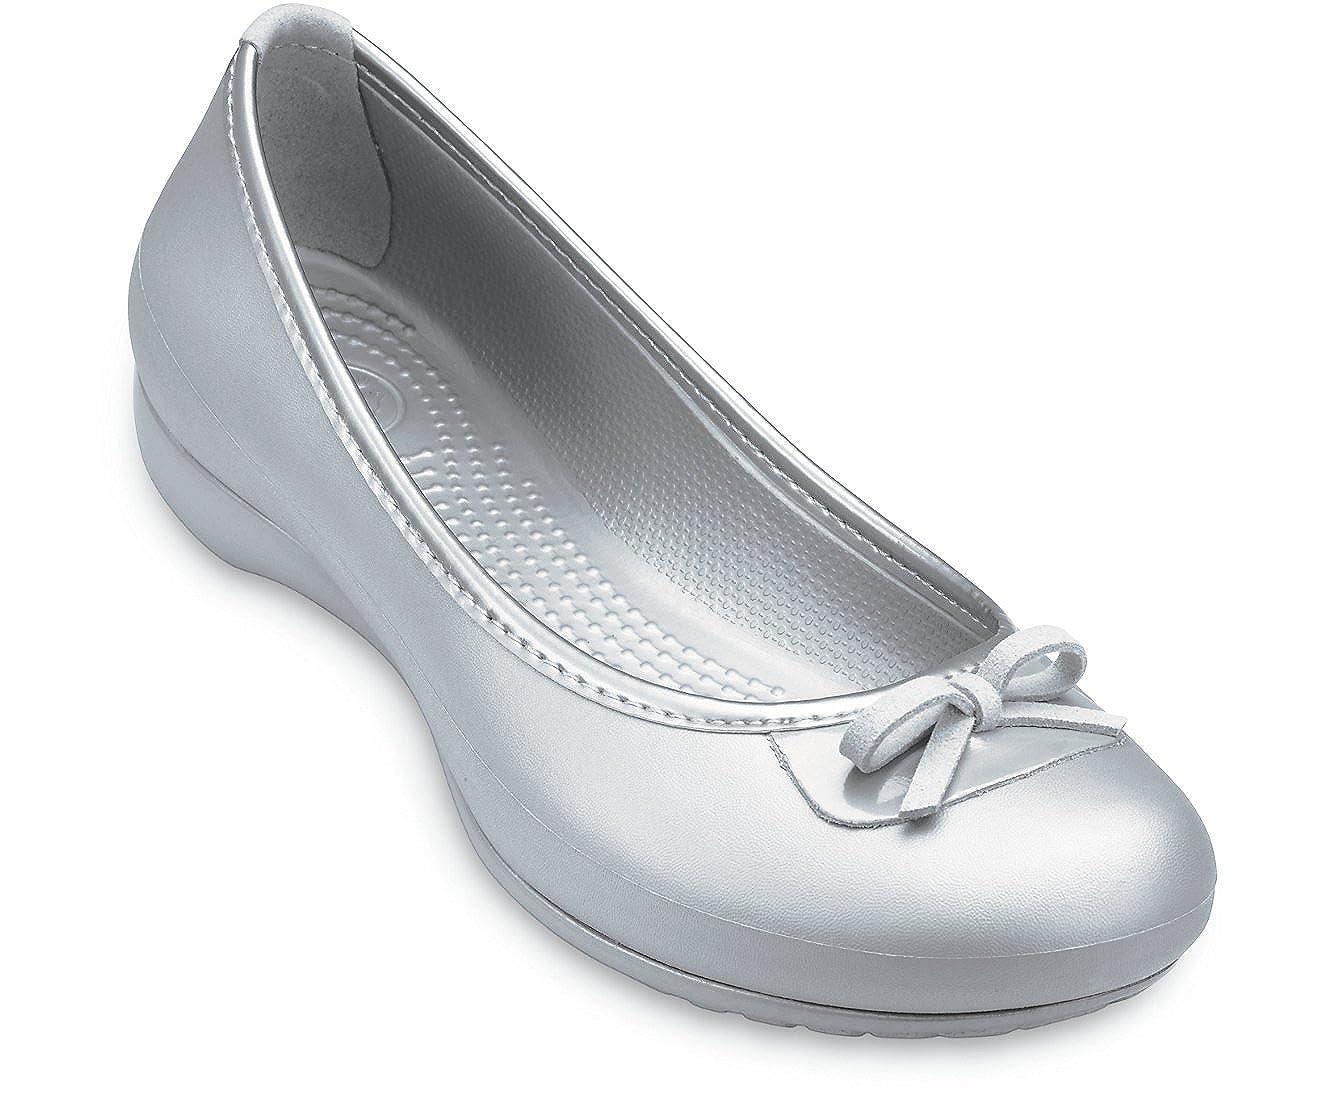 Crocs - - Crocs Lily Schuh für Frauen 436656